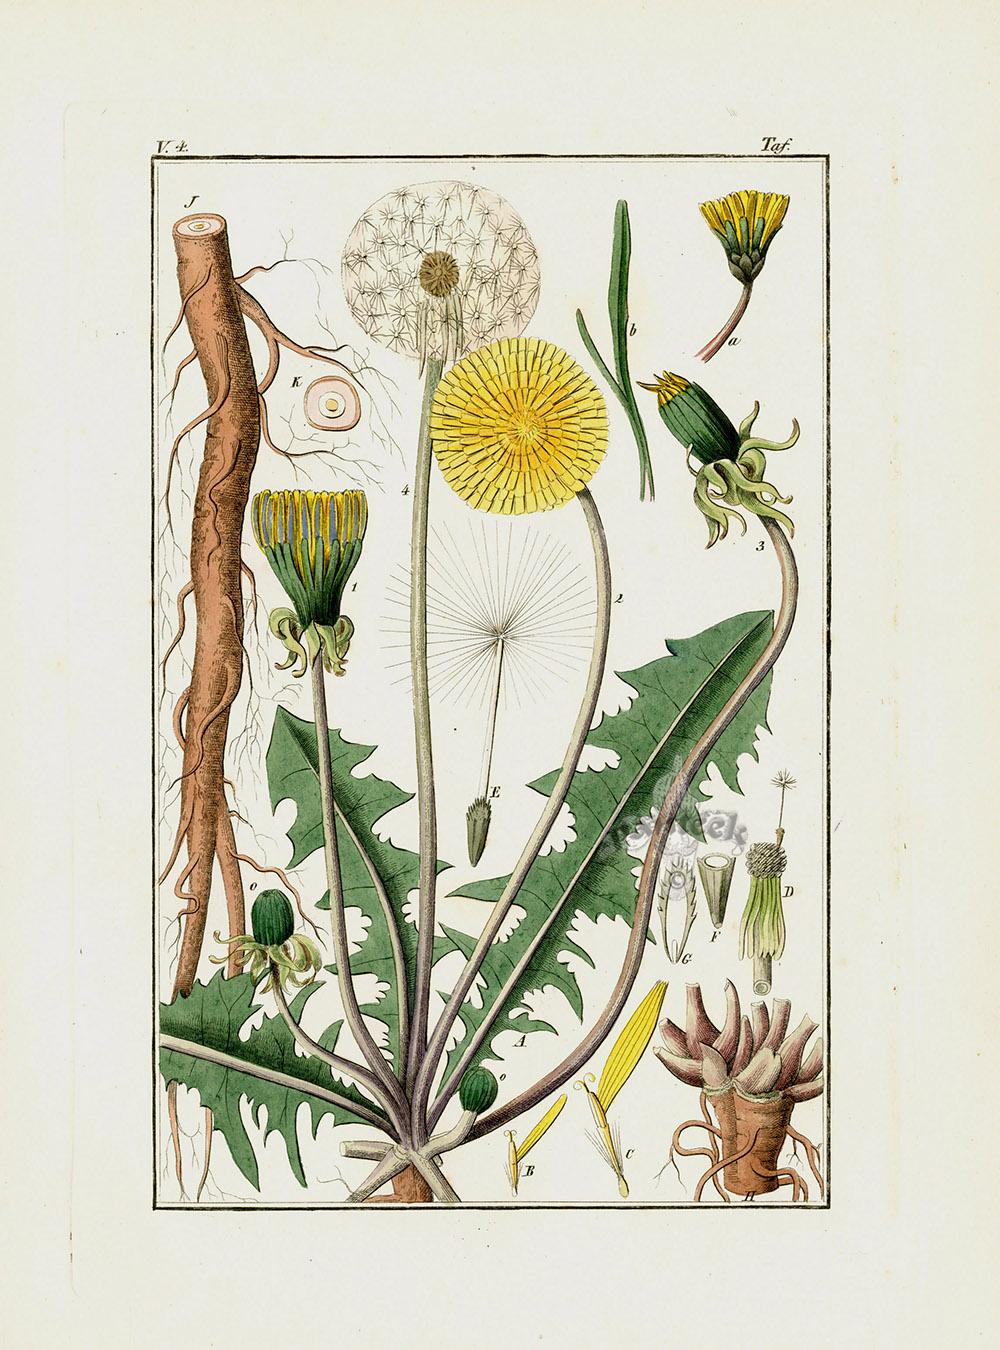 открытки ботаническая открытка одуванчик лекарственный лодке ошибке приплыли